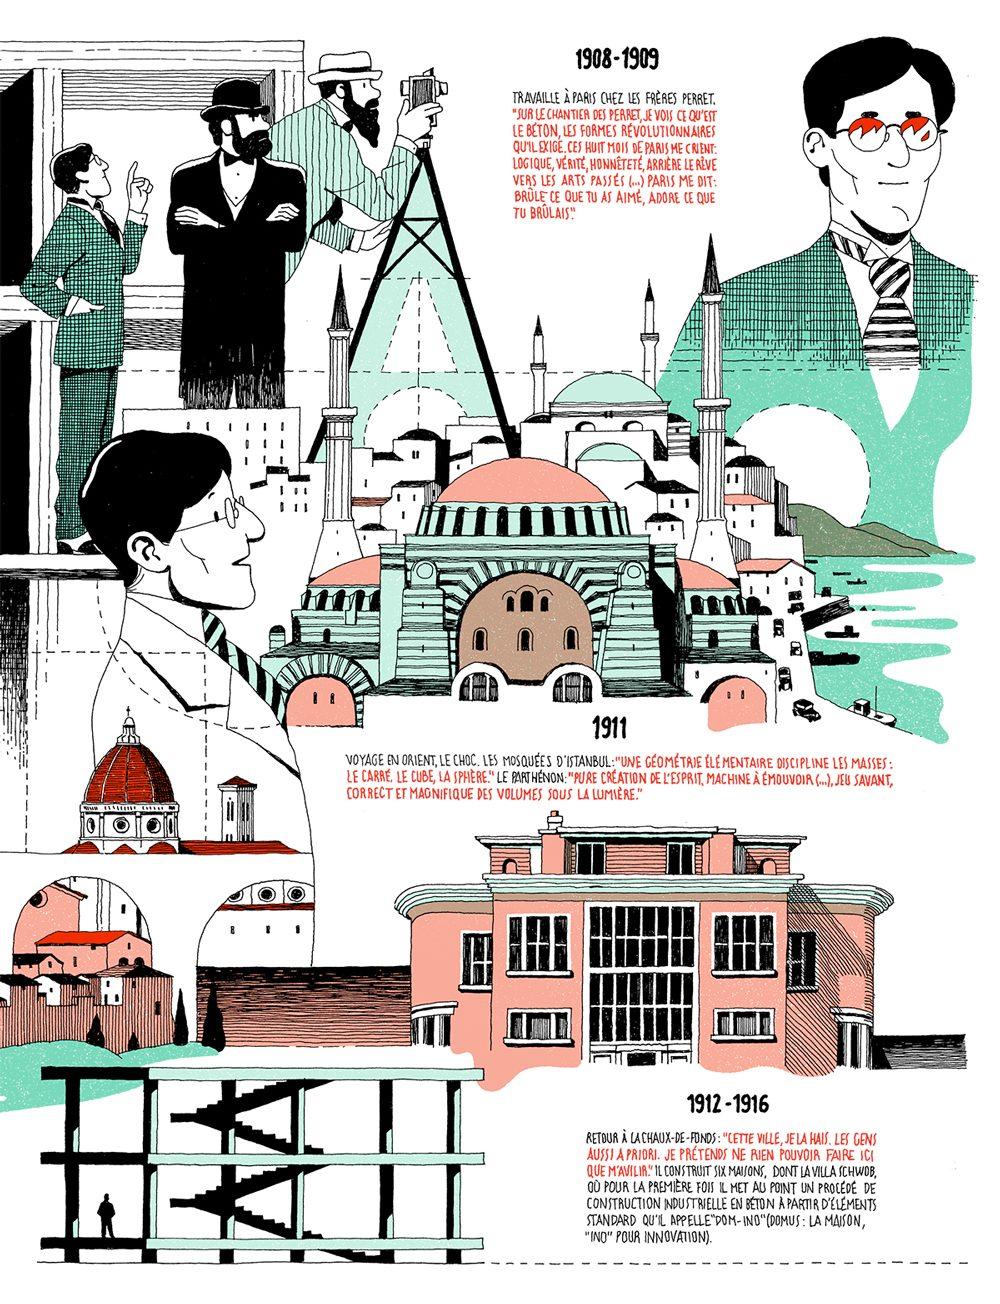 La biografía dibujada del genial arquitecto Le Corbusier por Mr Bidon